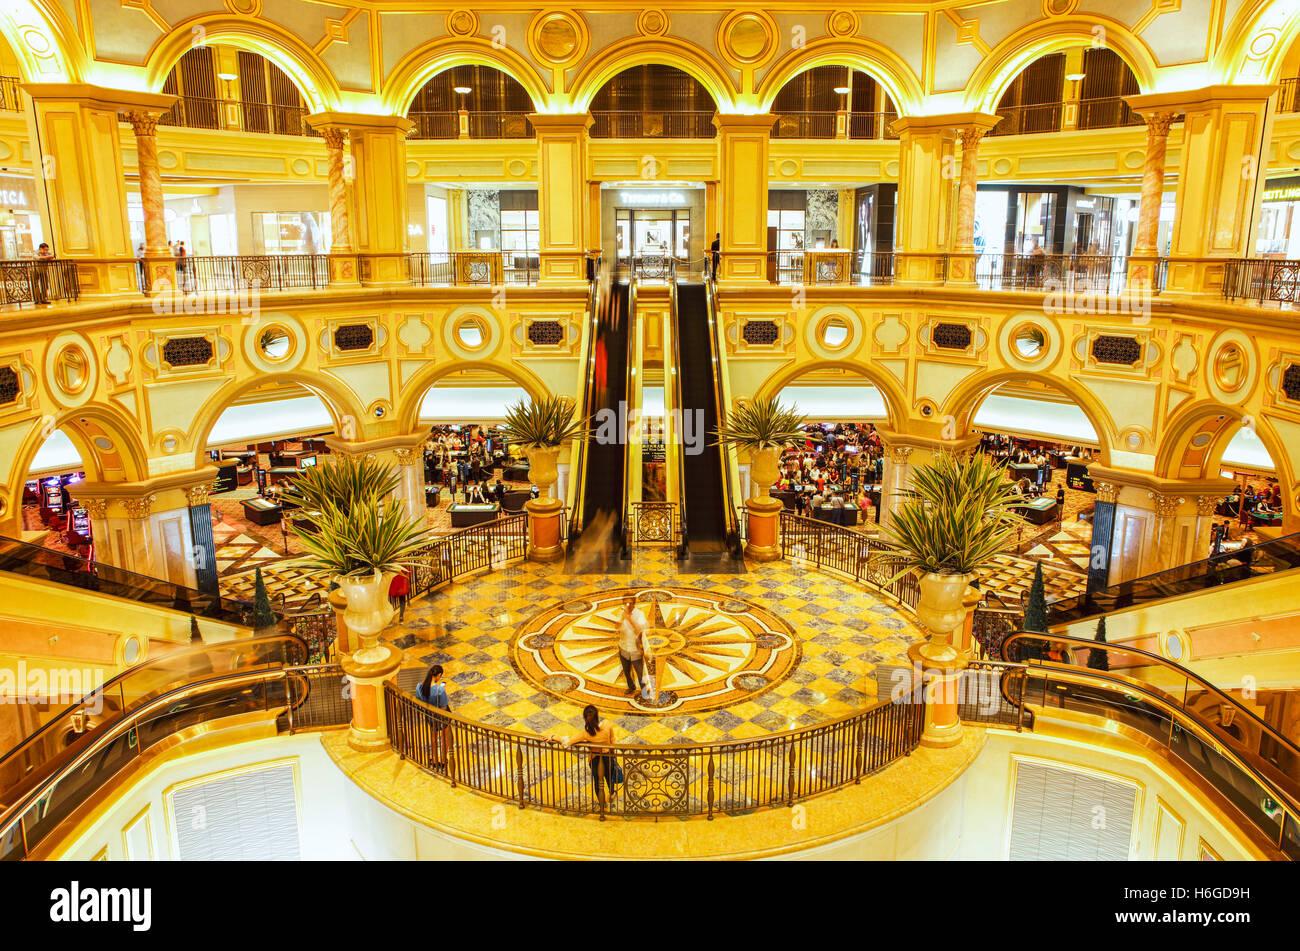 La Grande Hall del Venetian Hotel e Casinò, Cotai, Macao. Immagini Stock